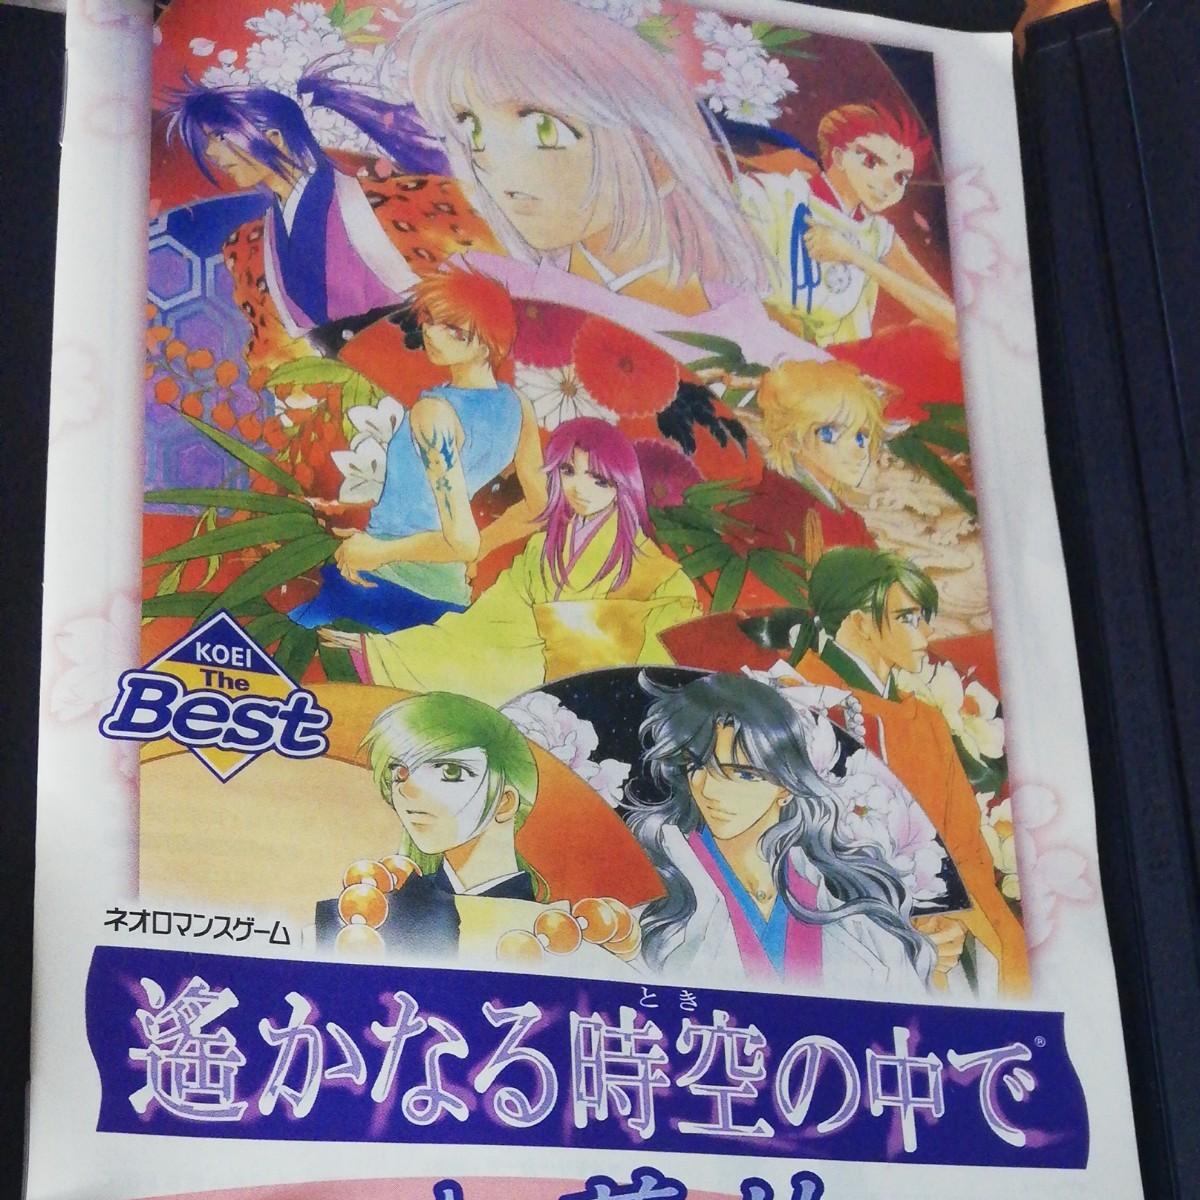 【PS2】 遙かなる時空の中で ~八葉抄~ [KOEI The Best]